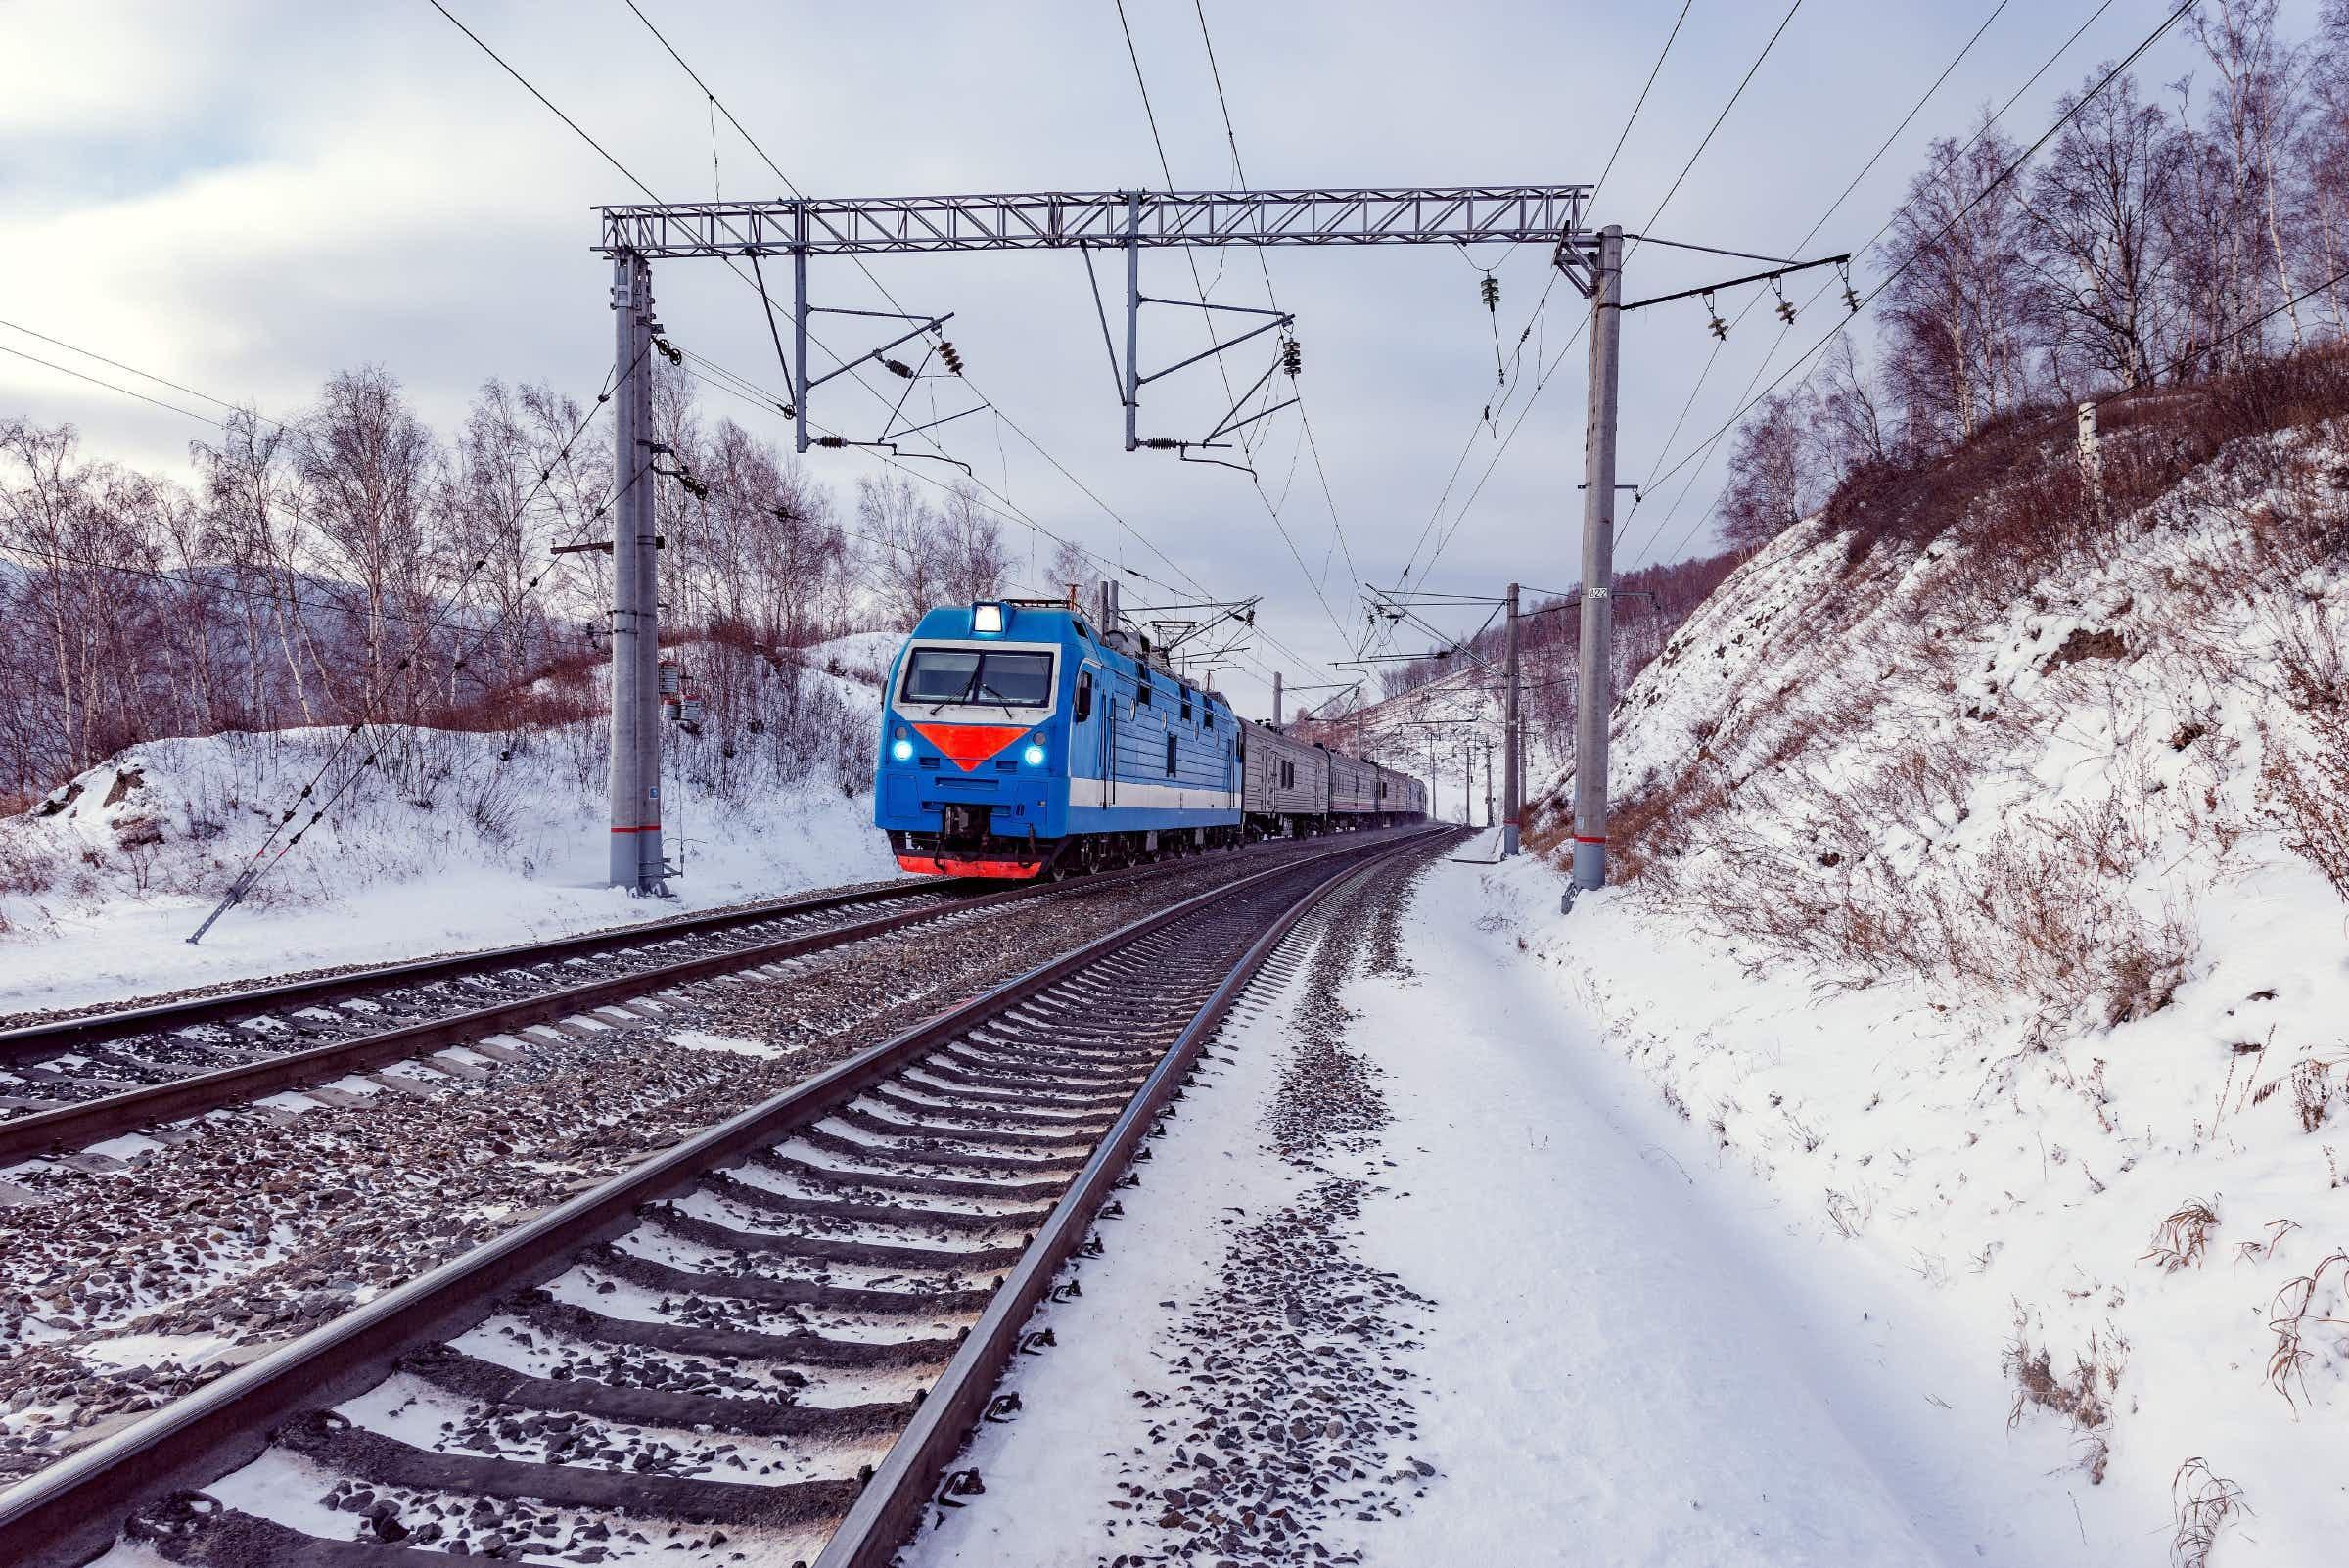 The Trans-Siberian train near Lake Baikal © Serjio74 / Shutterstock